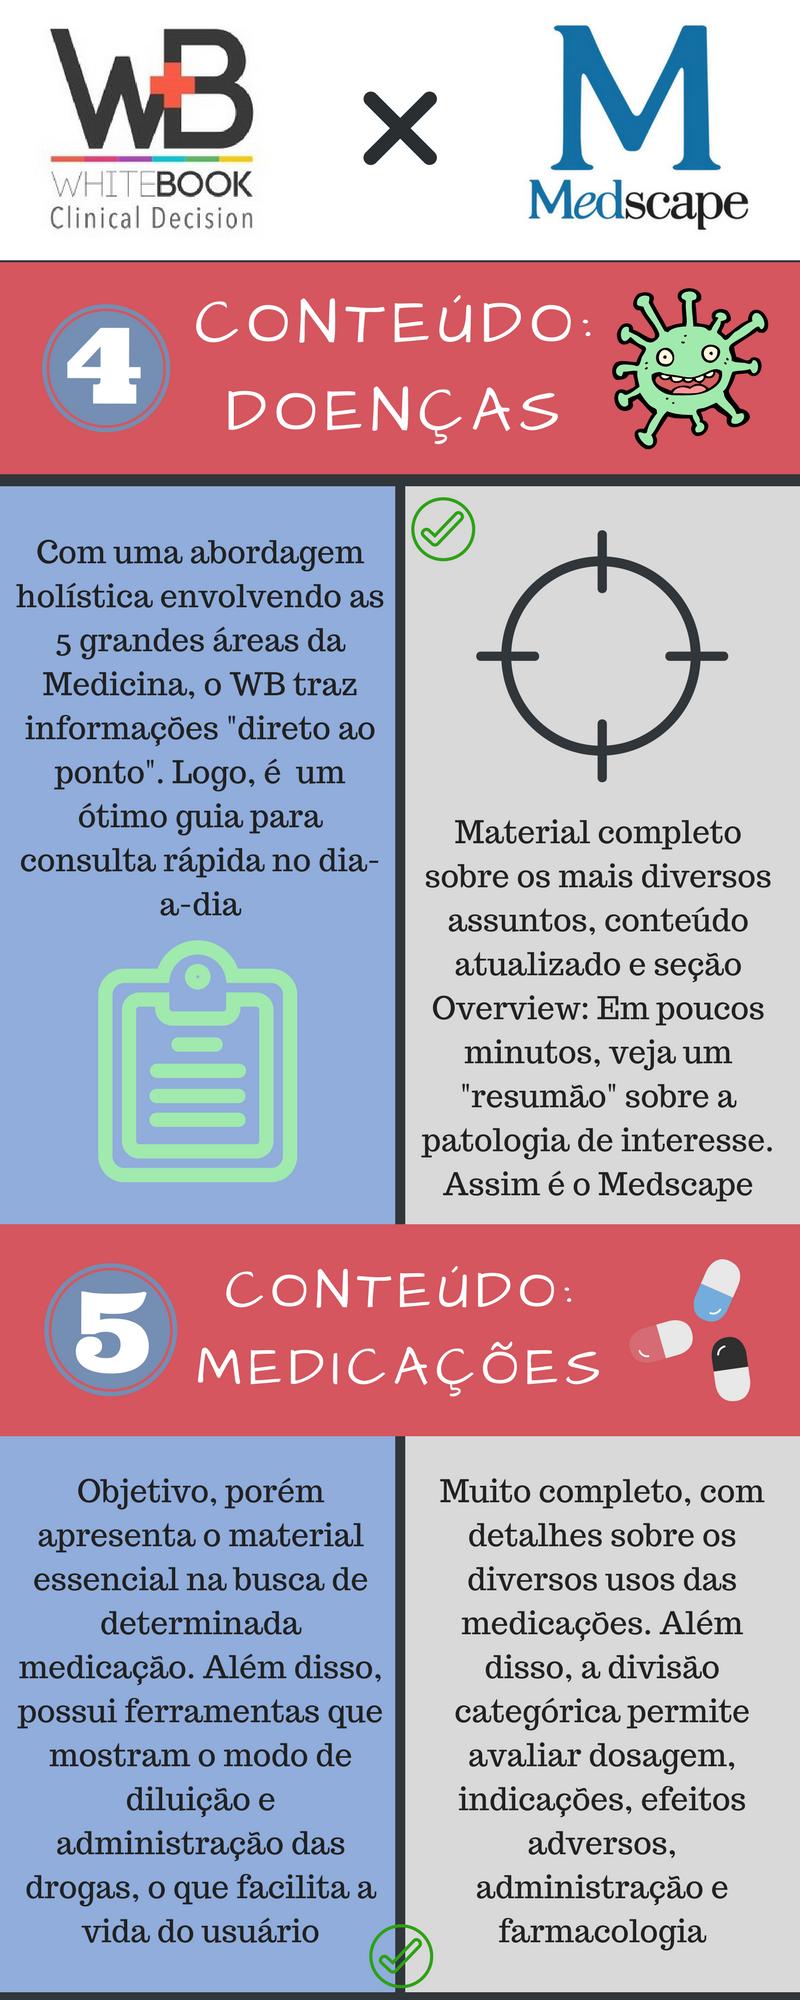 Whitebook x Medscape 3: qual dos apps plantão médicos usar